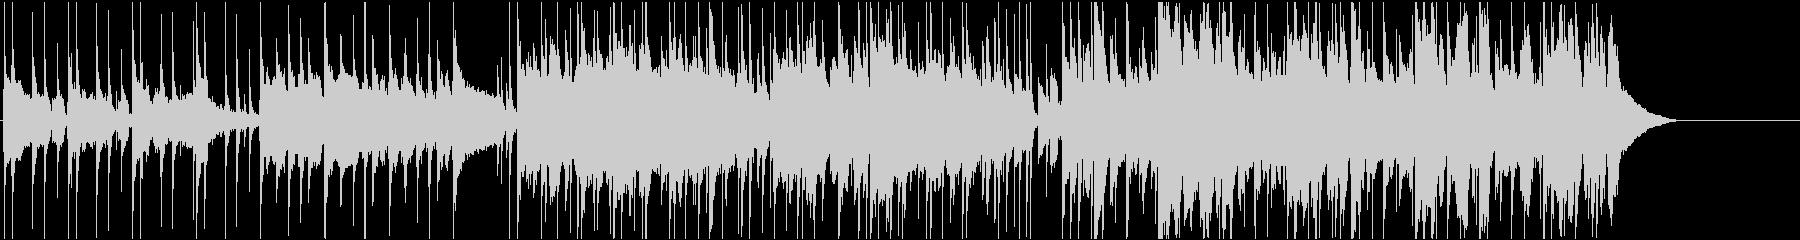 英語女性明るいポップ ピアノBPM100の未再生の波形